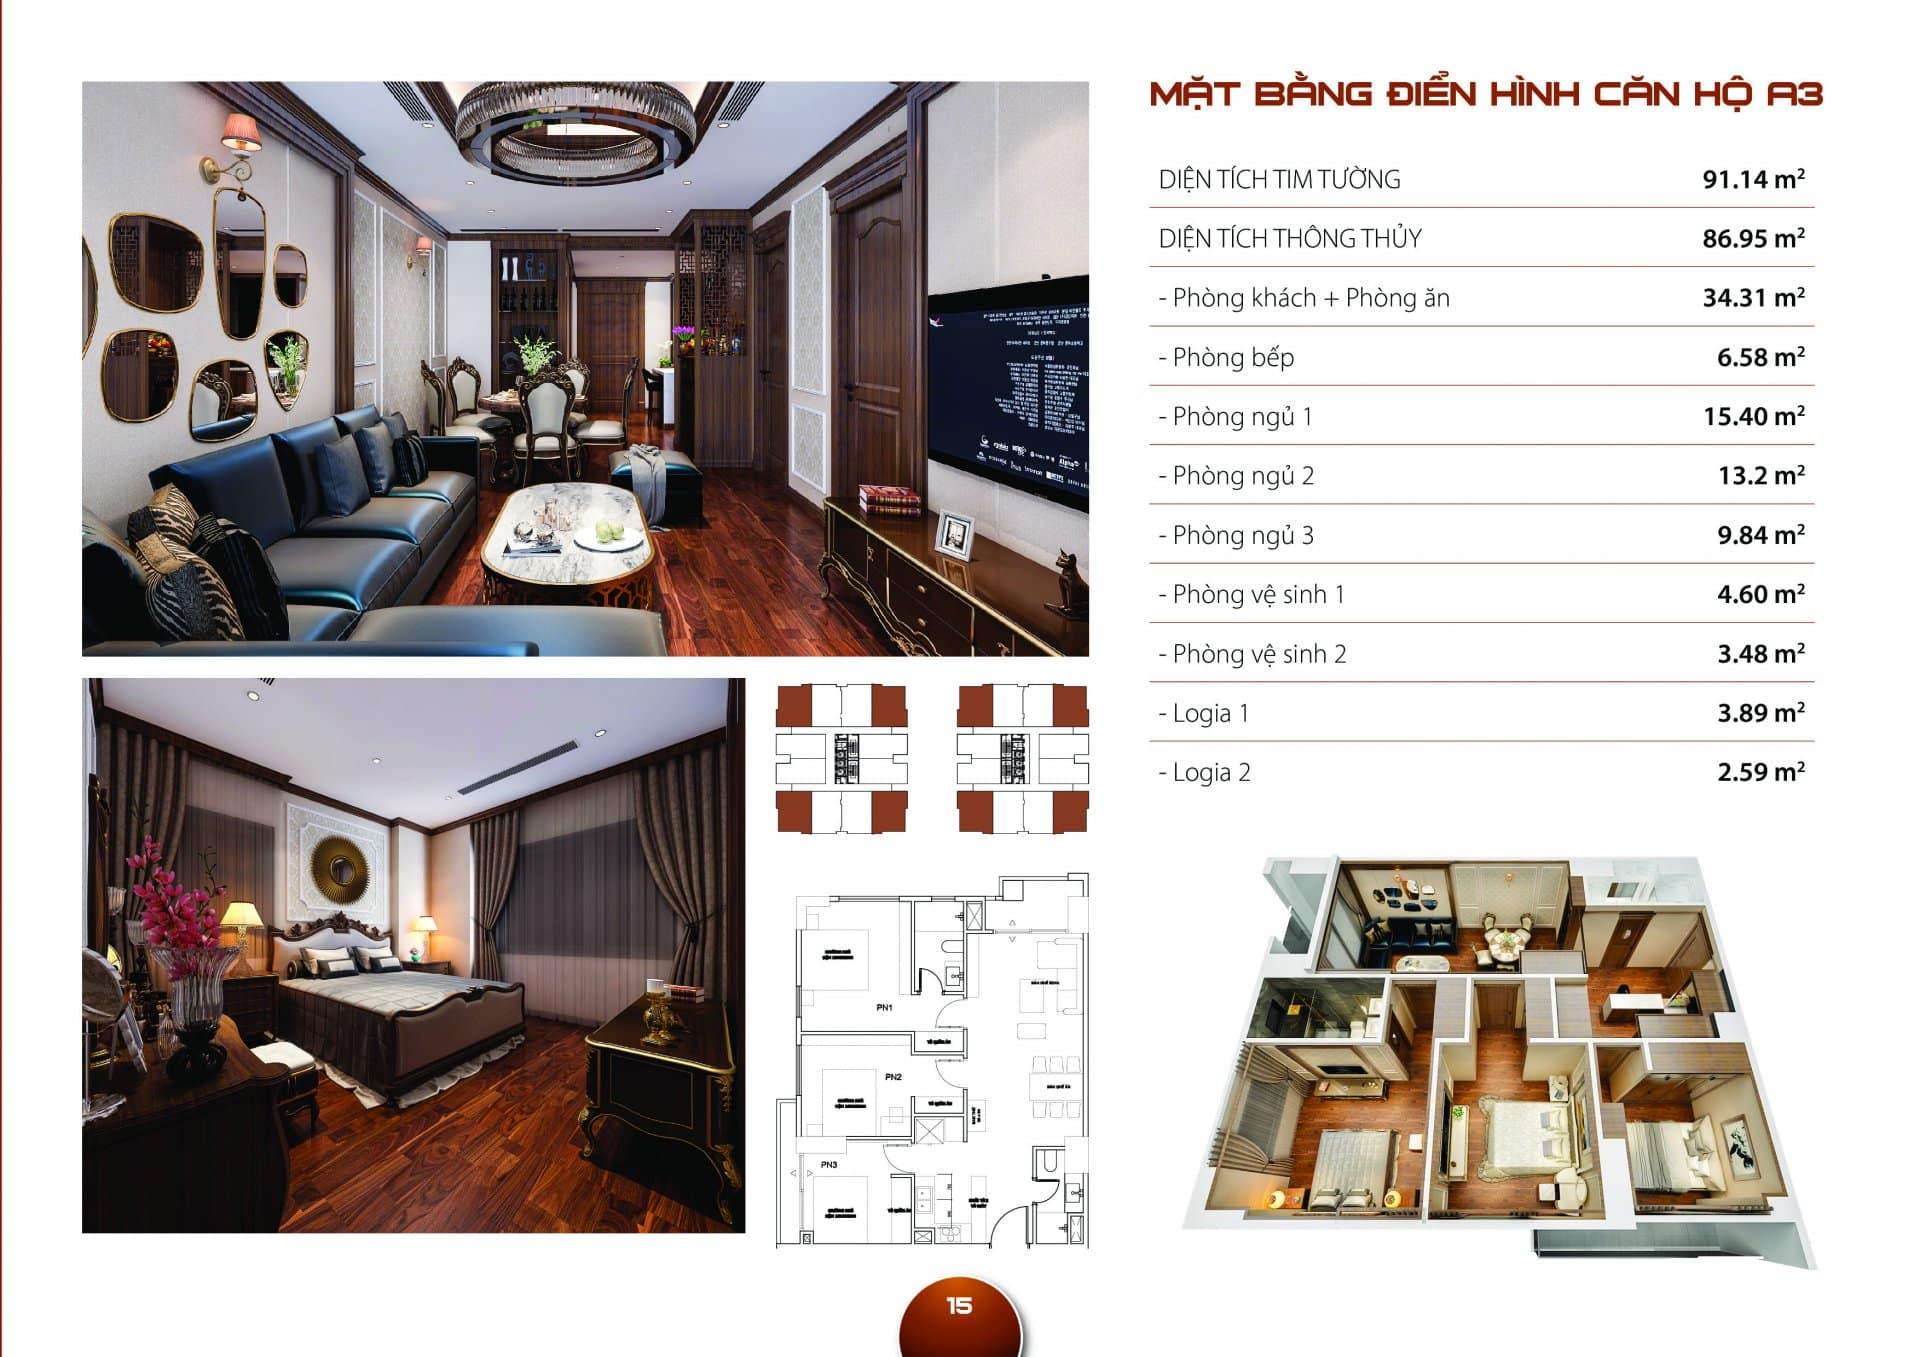 Căn hộ A3 Diện tích thông thủy 86,95m2 thiết kế 03 phòng ngủ